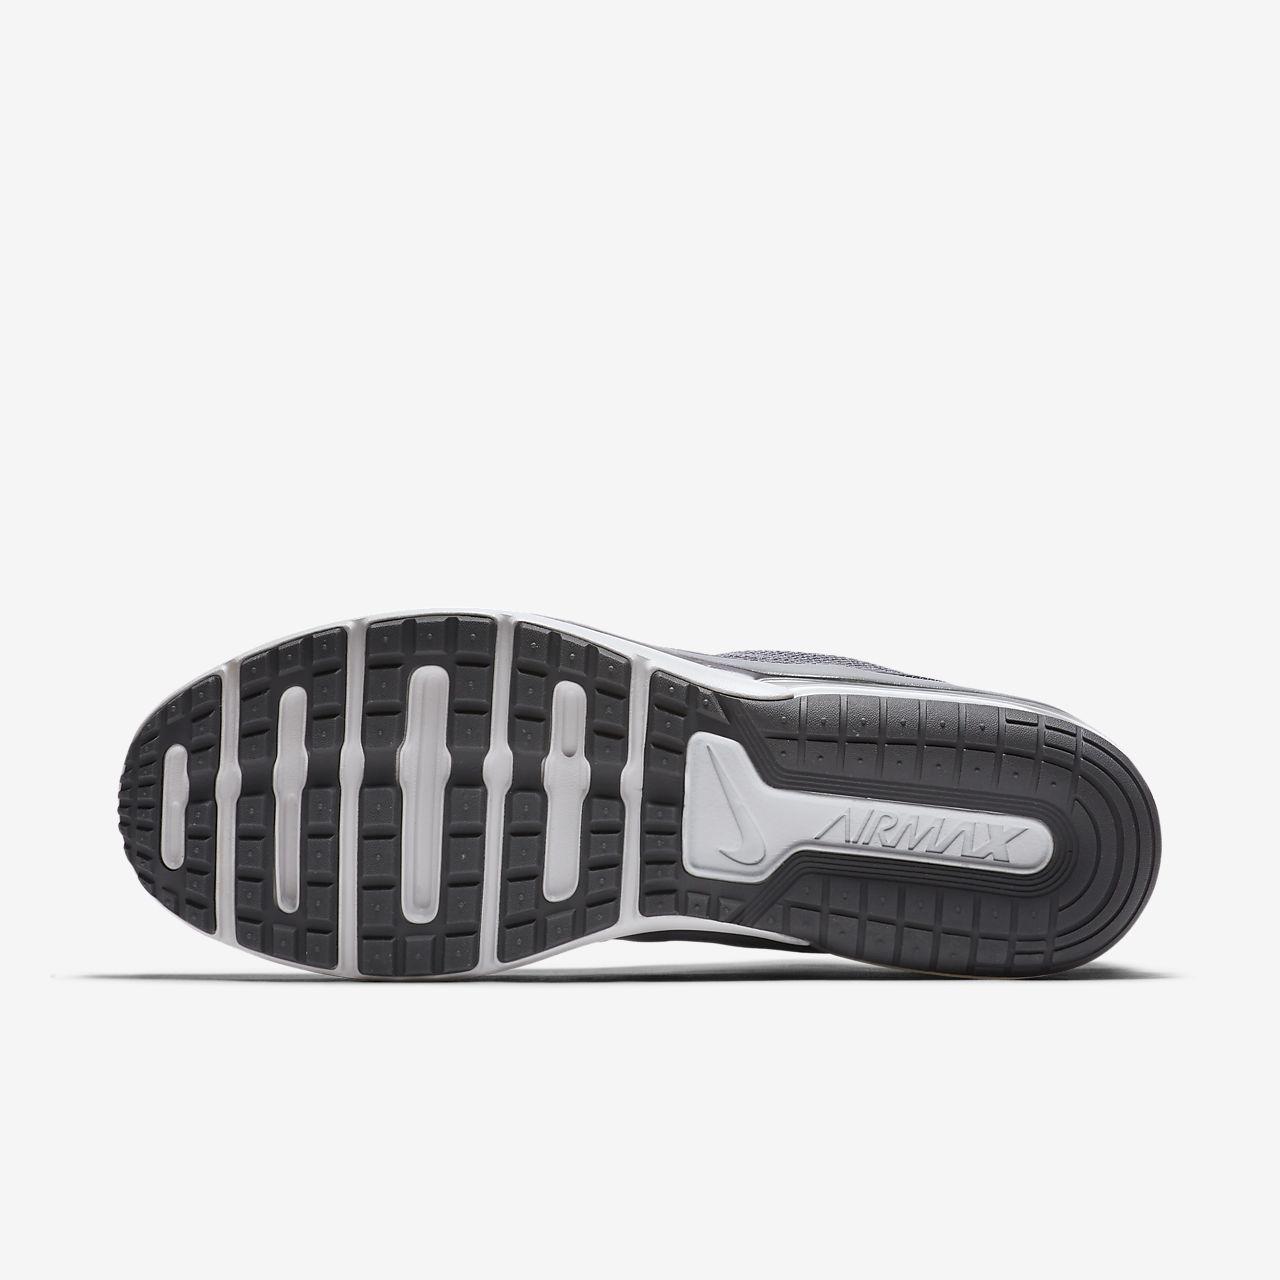 estilo Zapatillas Barcelona Running Nike Hombre Air Max Fury